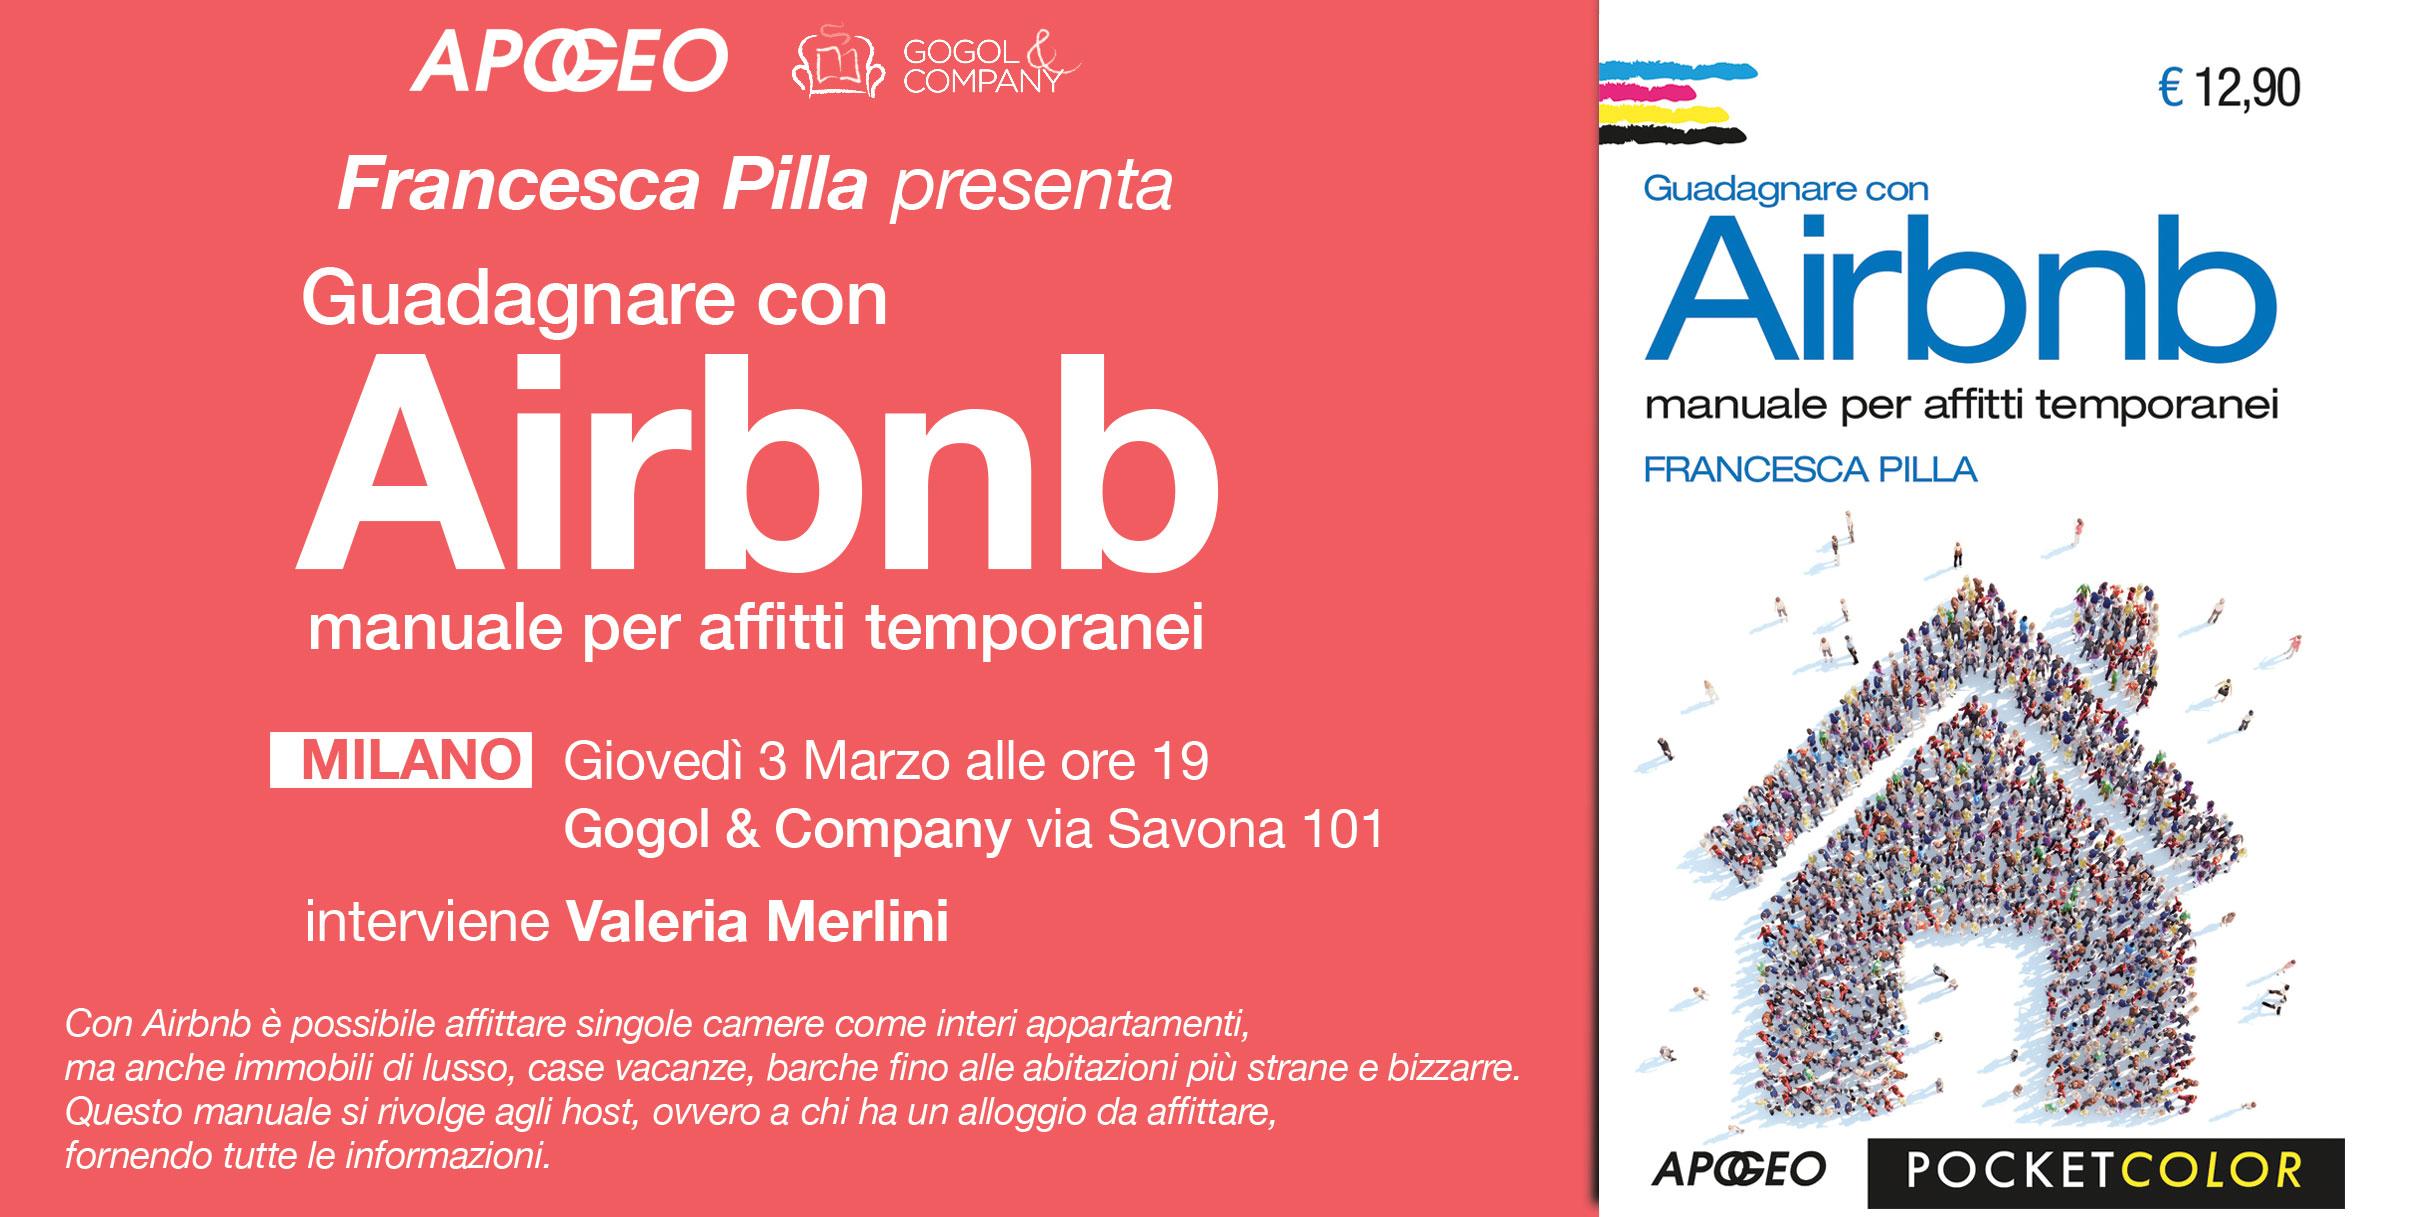 Invito alla presentazione del libro di Francesca Pilla su Airbnb